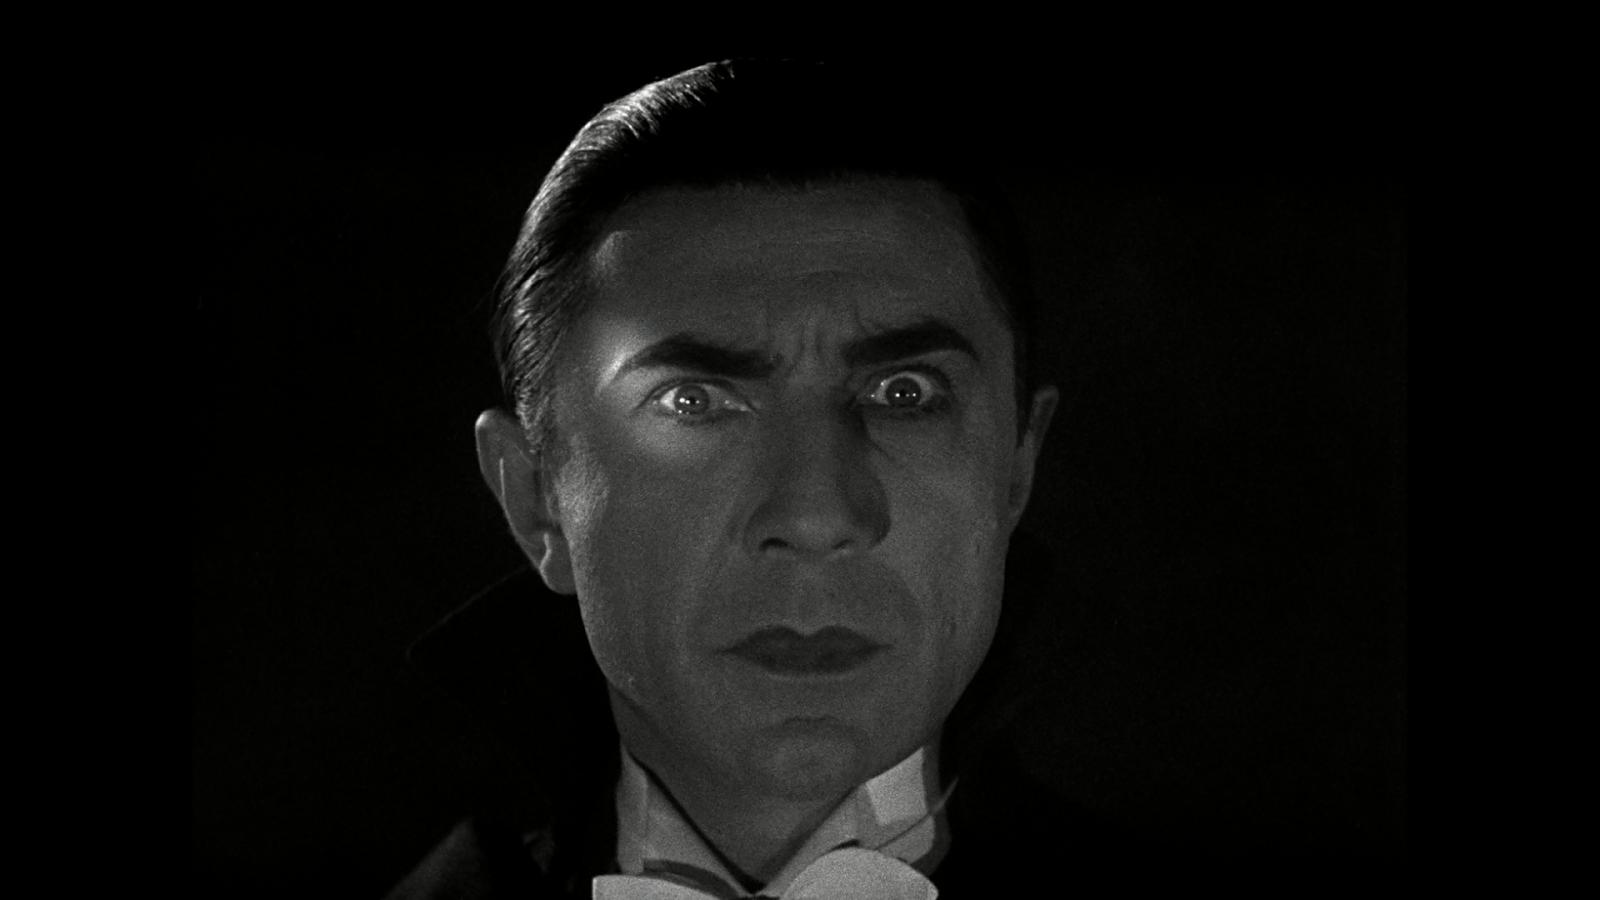 La serie Dracula de Mark Gattis y Steven Moffat de Sherlock se lanzará en Netflix y BBC